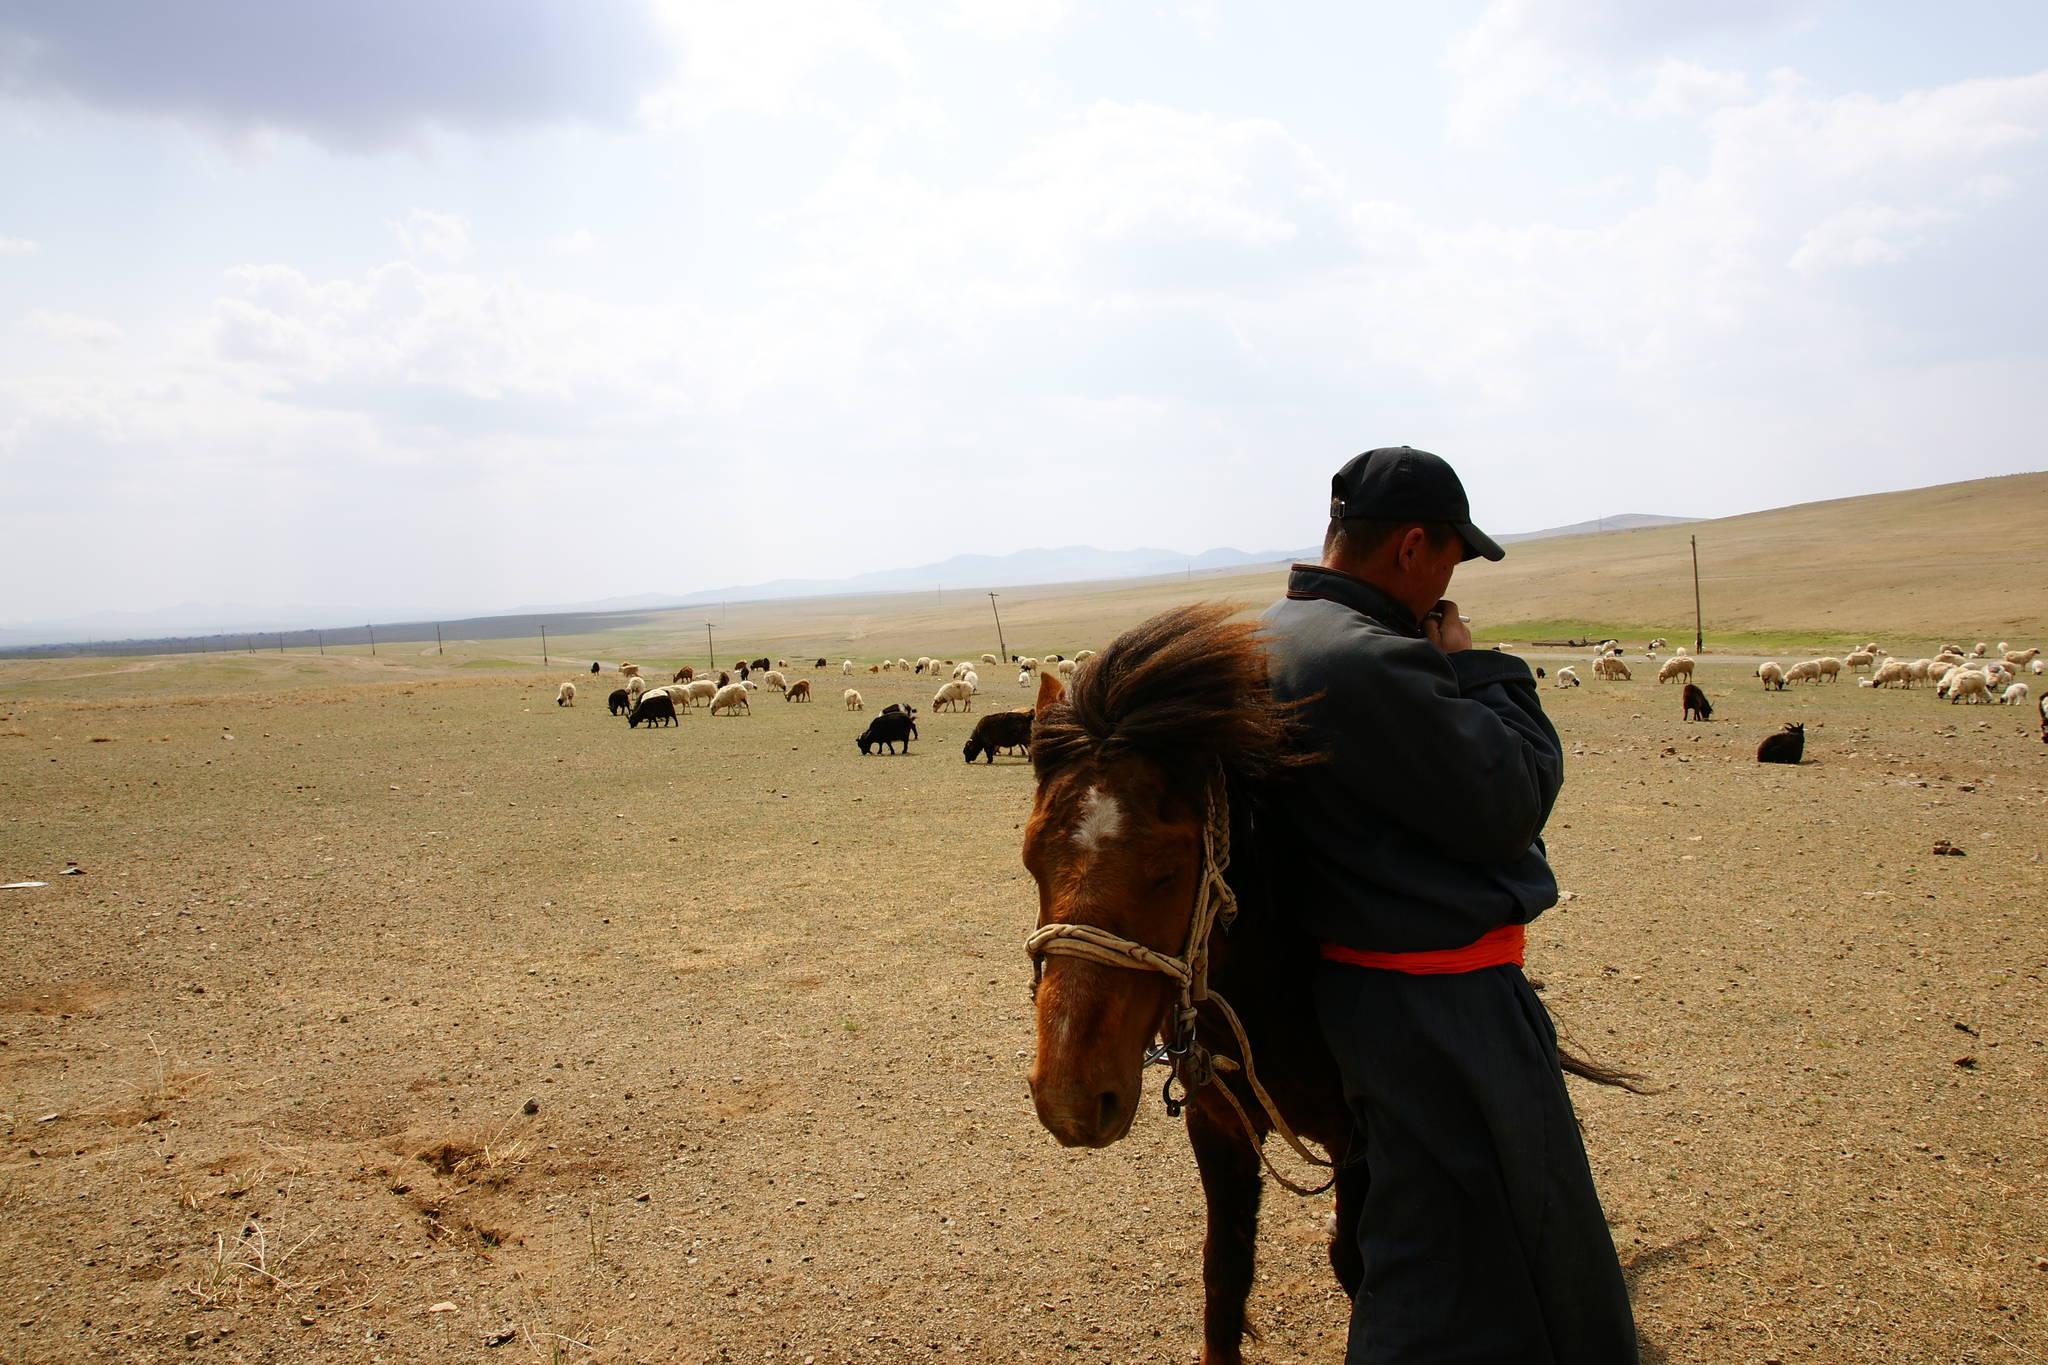 사막화로 인해 몽골 유목민들의 시름이 깊어가고 있다. [사진 푸른아시아]